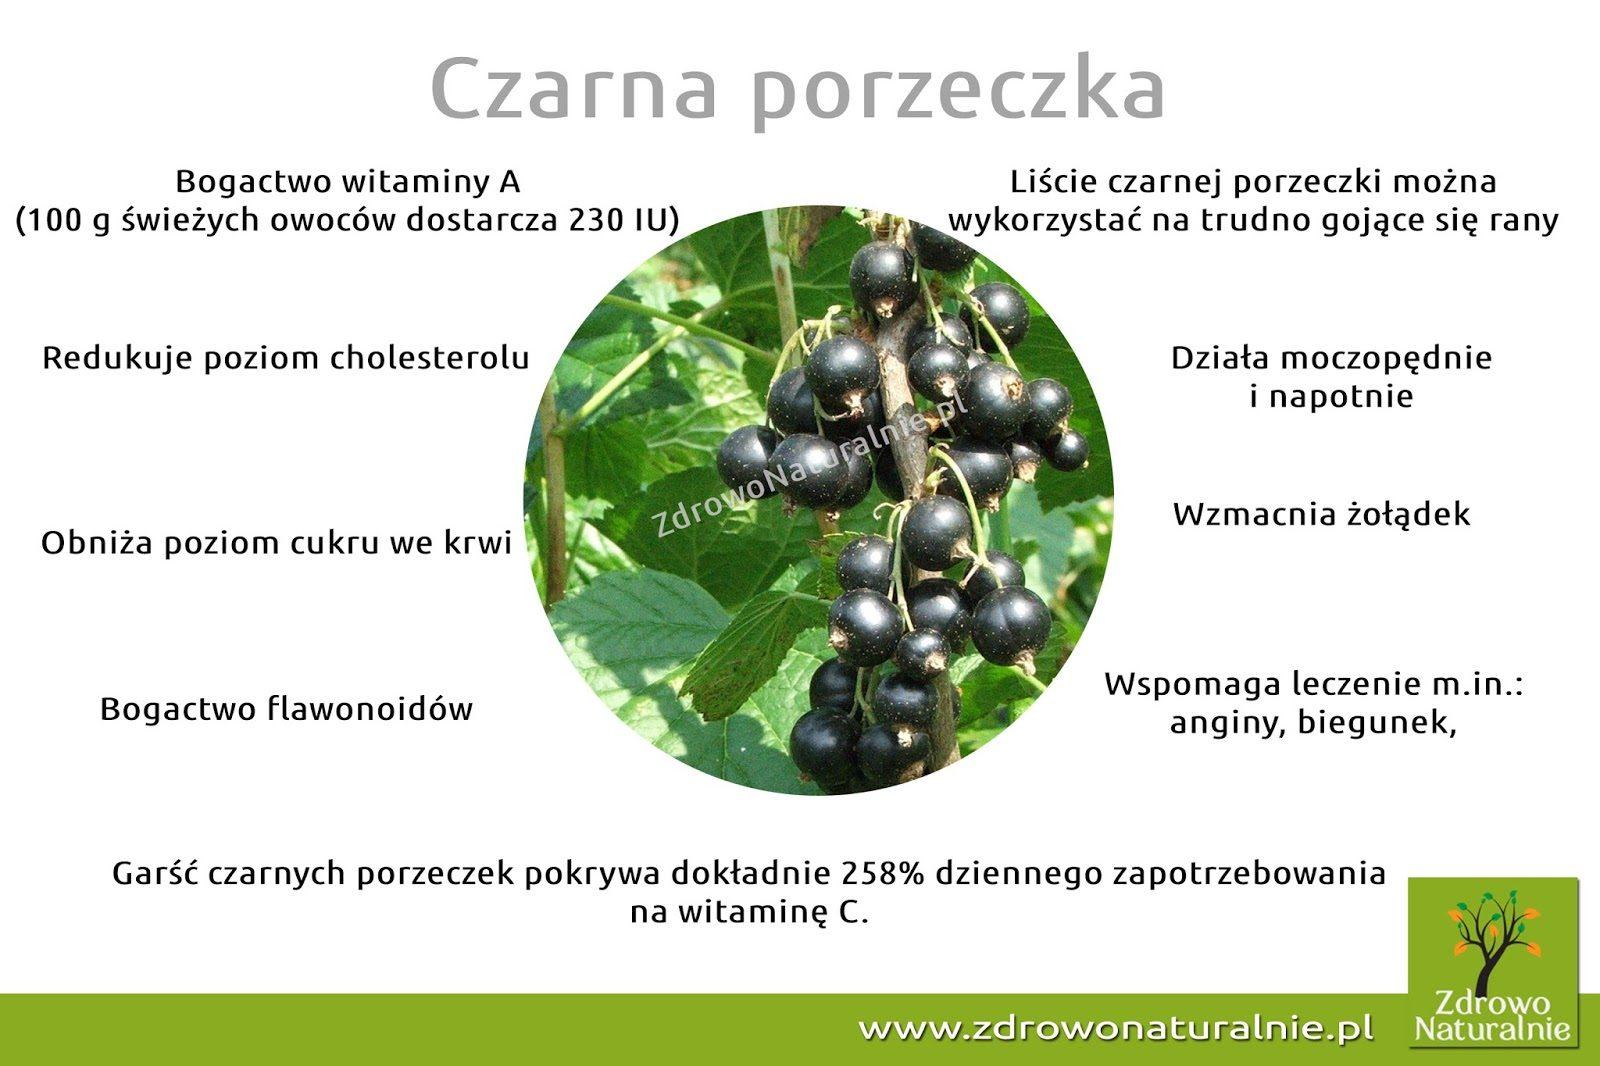 czarna2bporzeczka-5780132